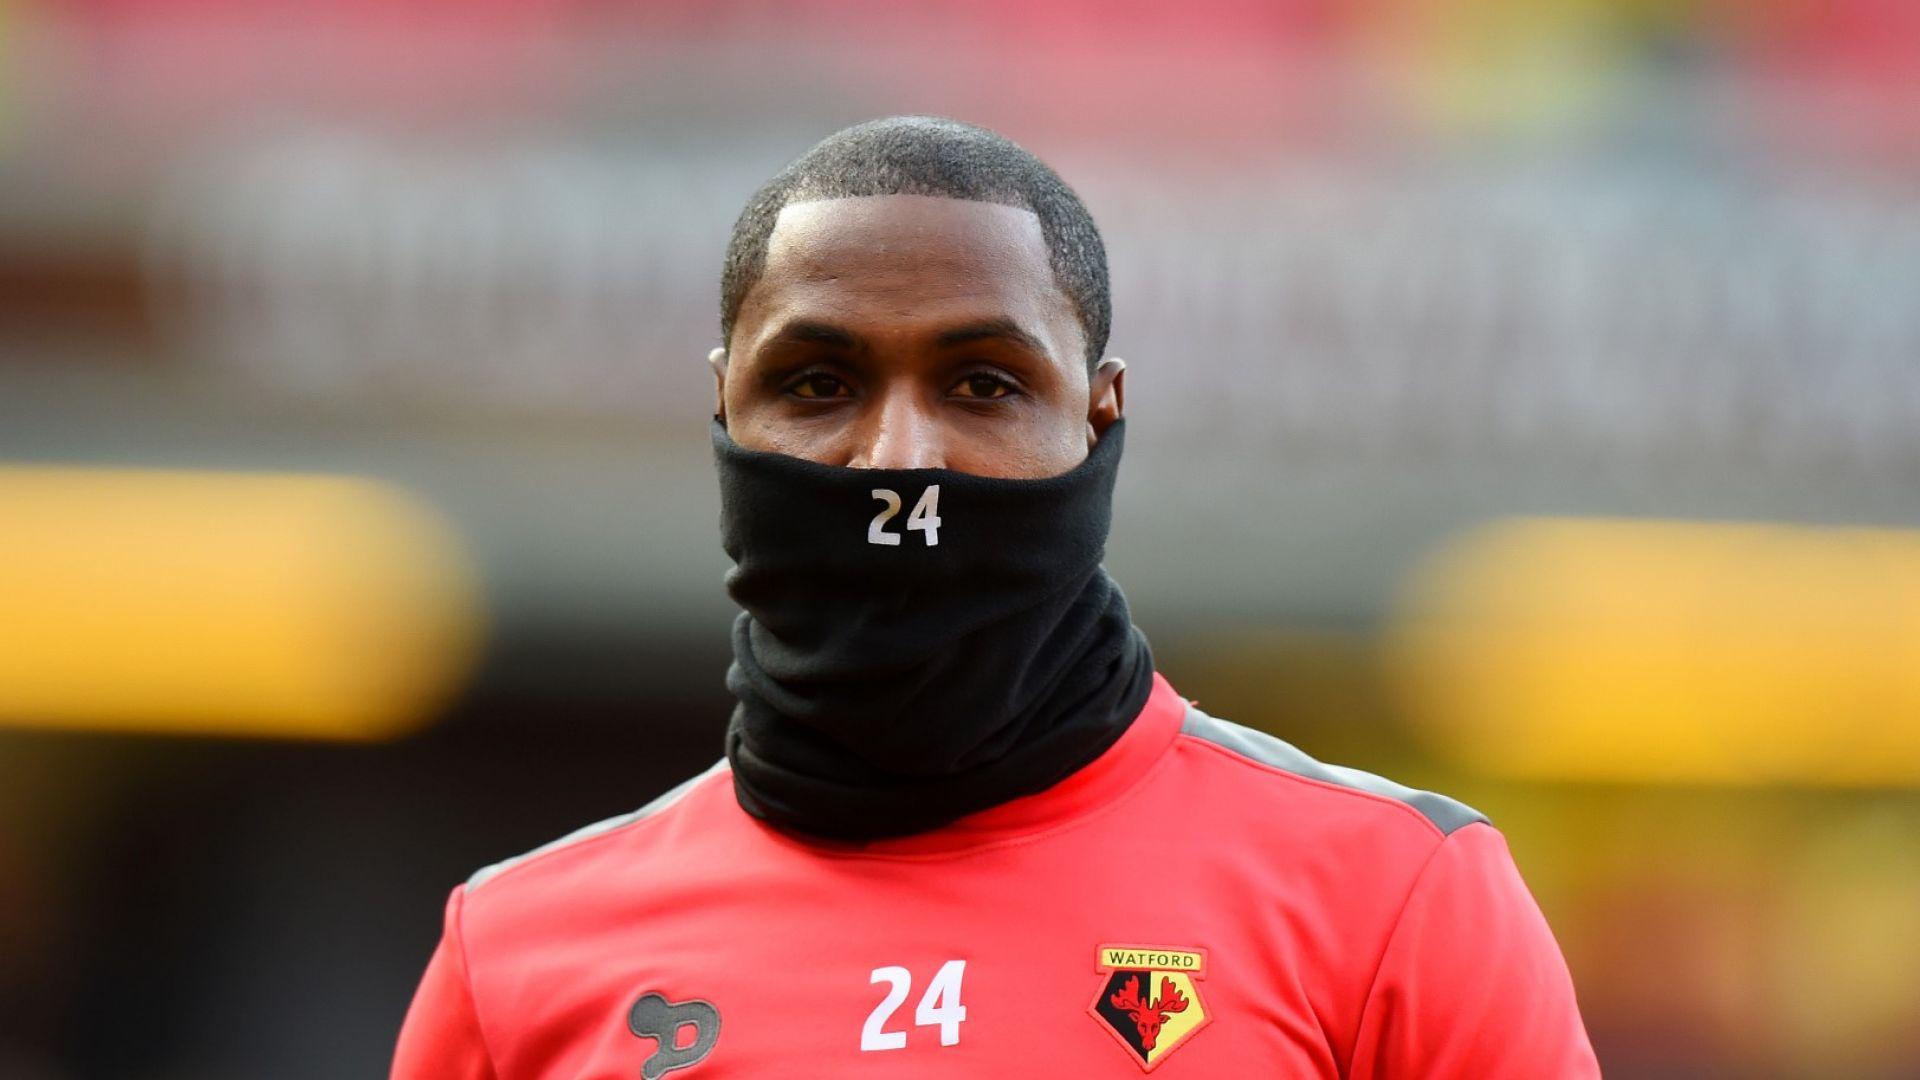 Абсурдна ситуация - Юнайтед изолира новия нападател от Китай в зала за таекуондо